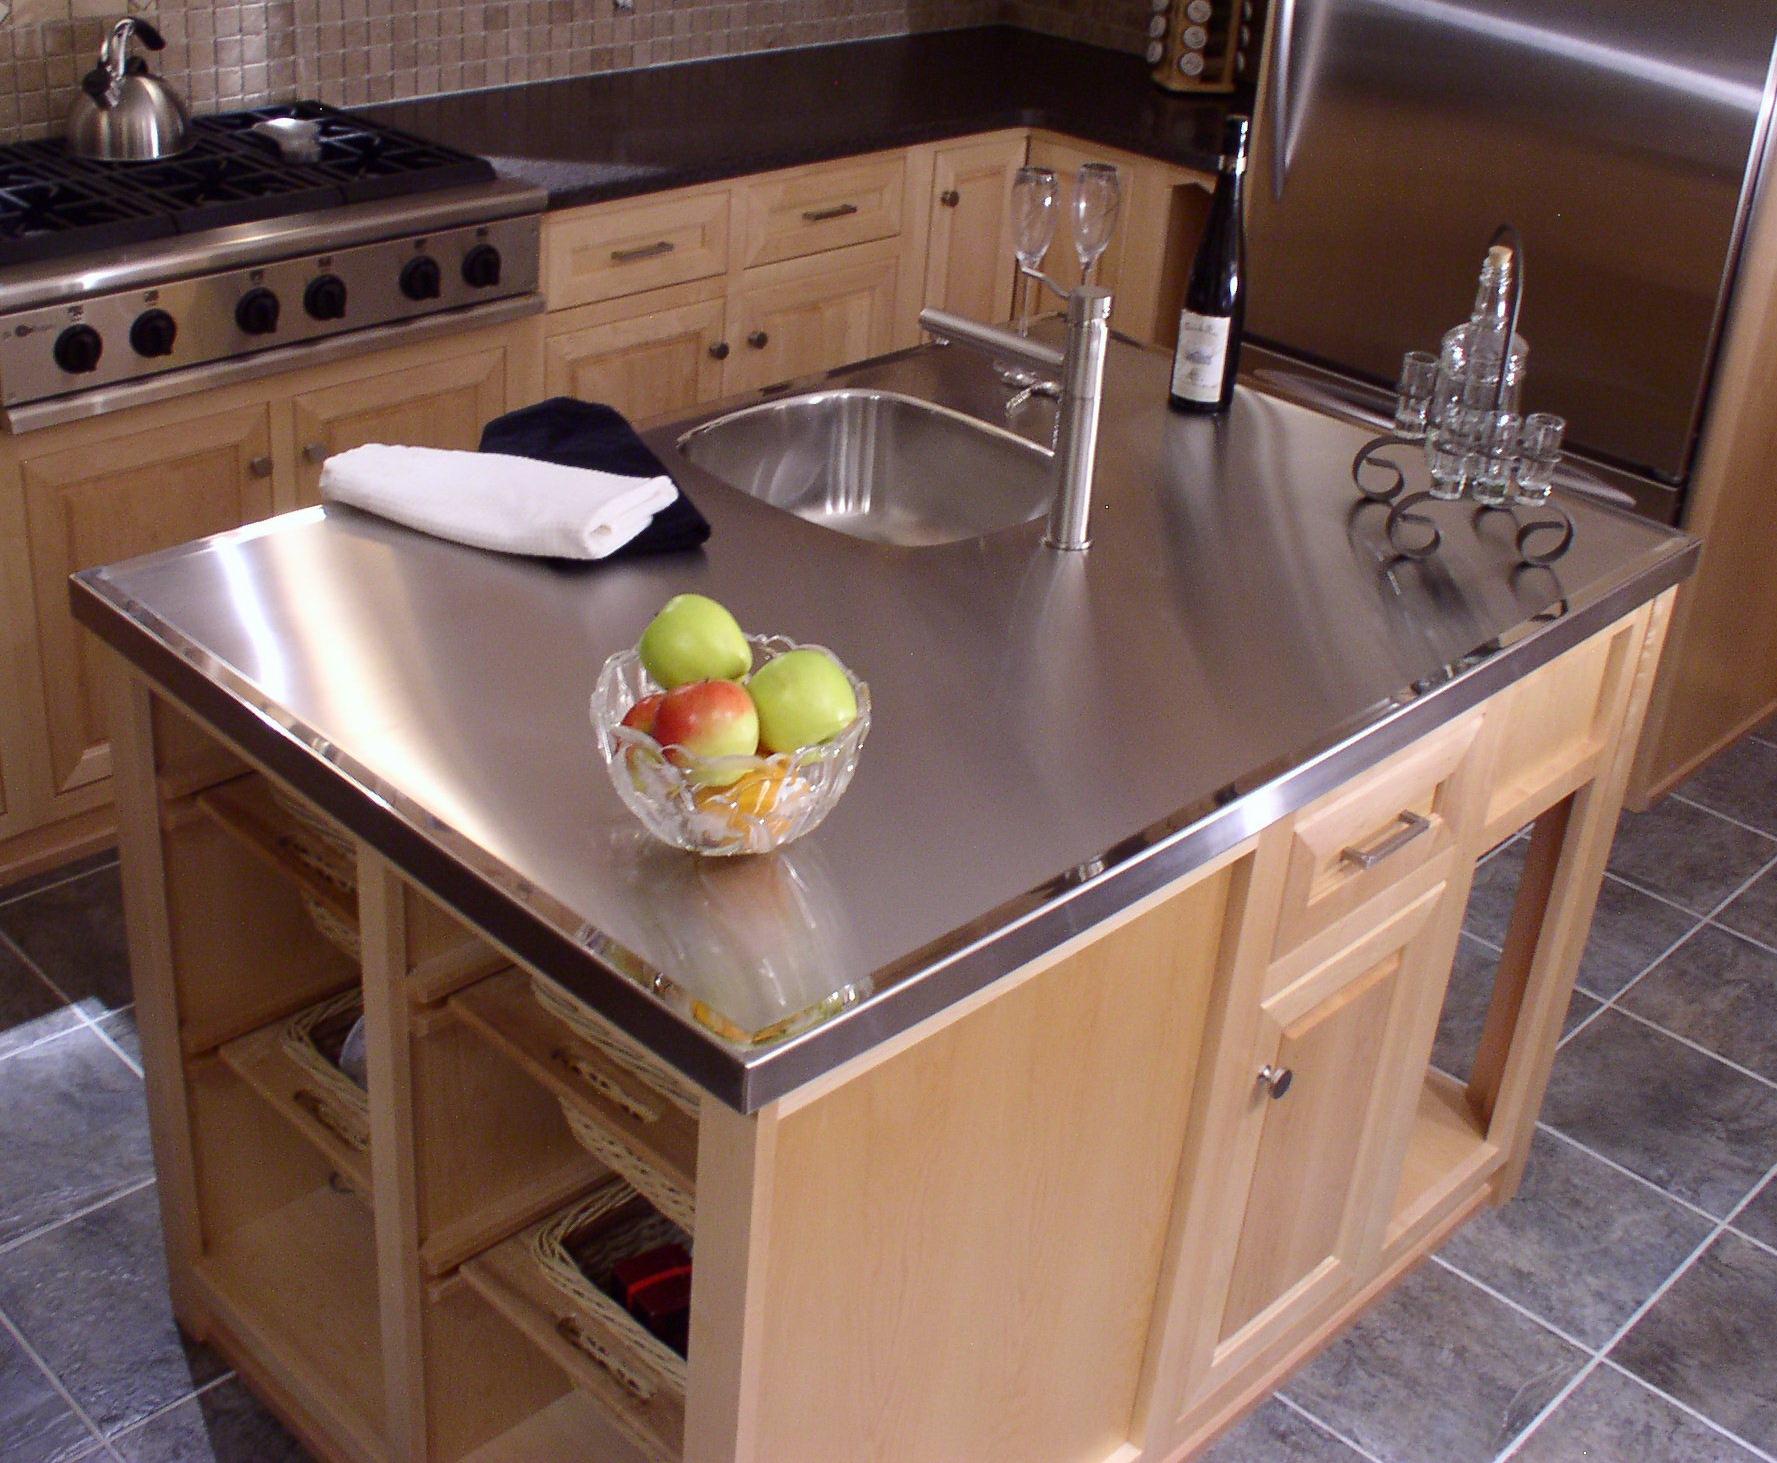 Materiales aptos para encimeras de cocina sus ventajas y - Materiales encimeras cocina ...